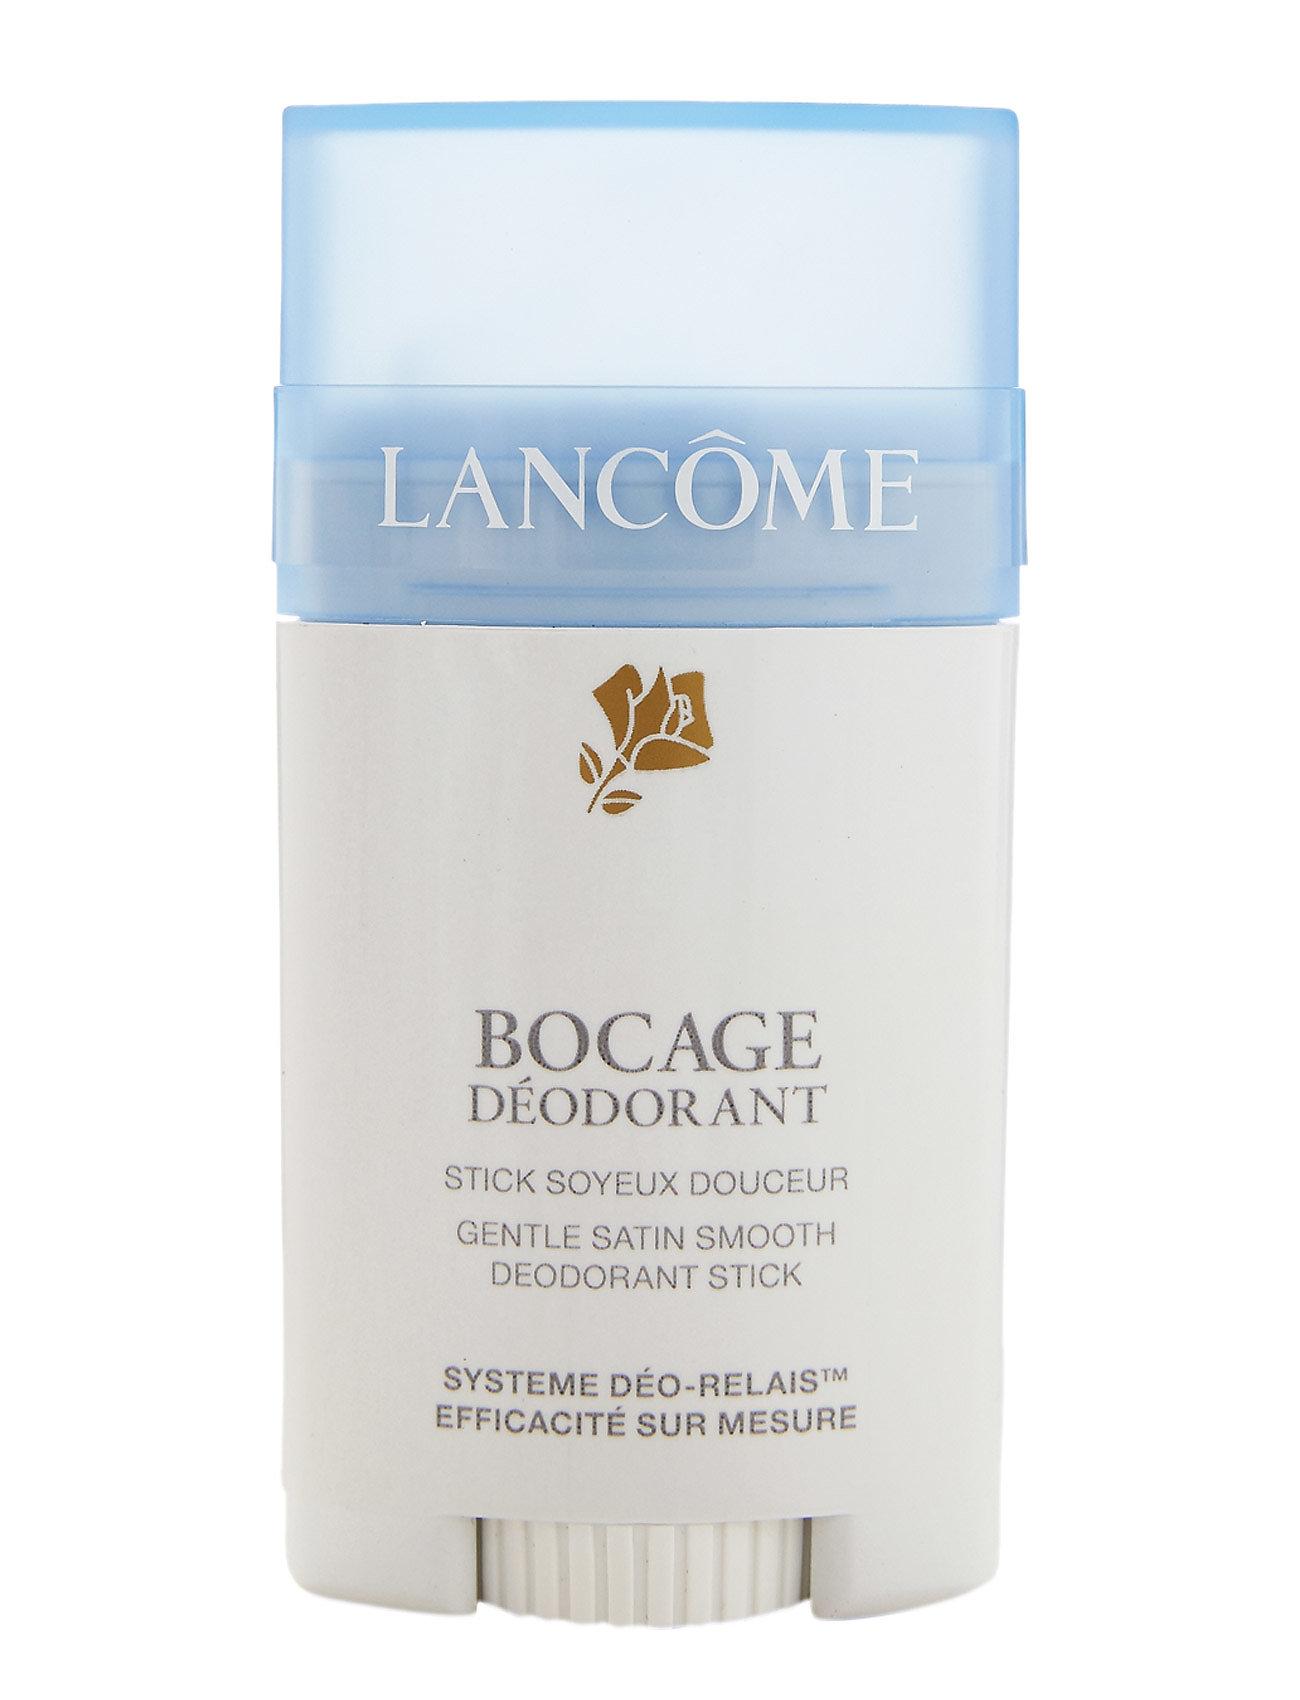 Bocage Deo Stick 40 Ml LancÙme  til Damer i Klar